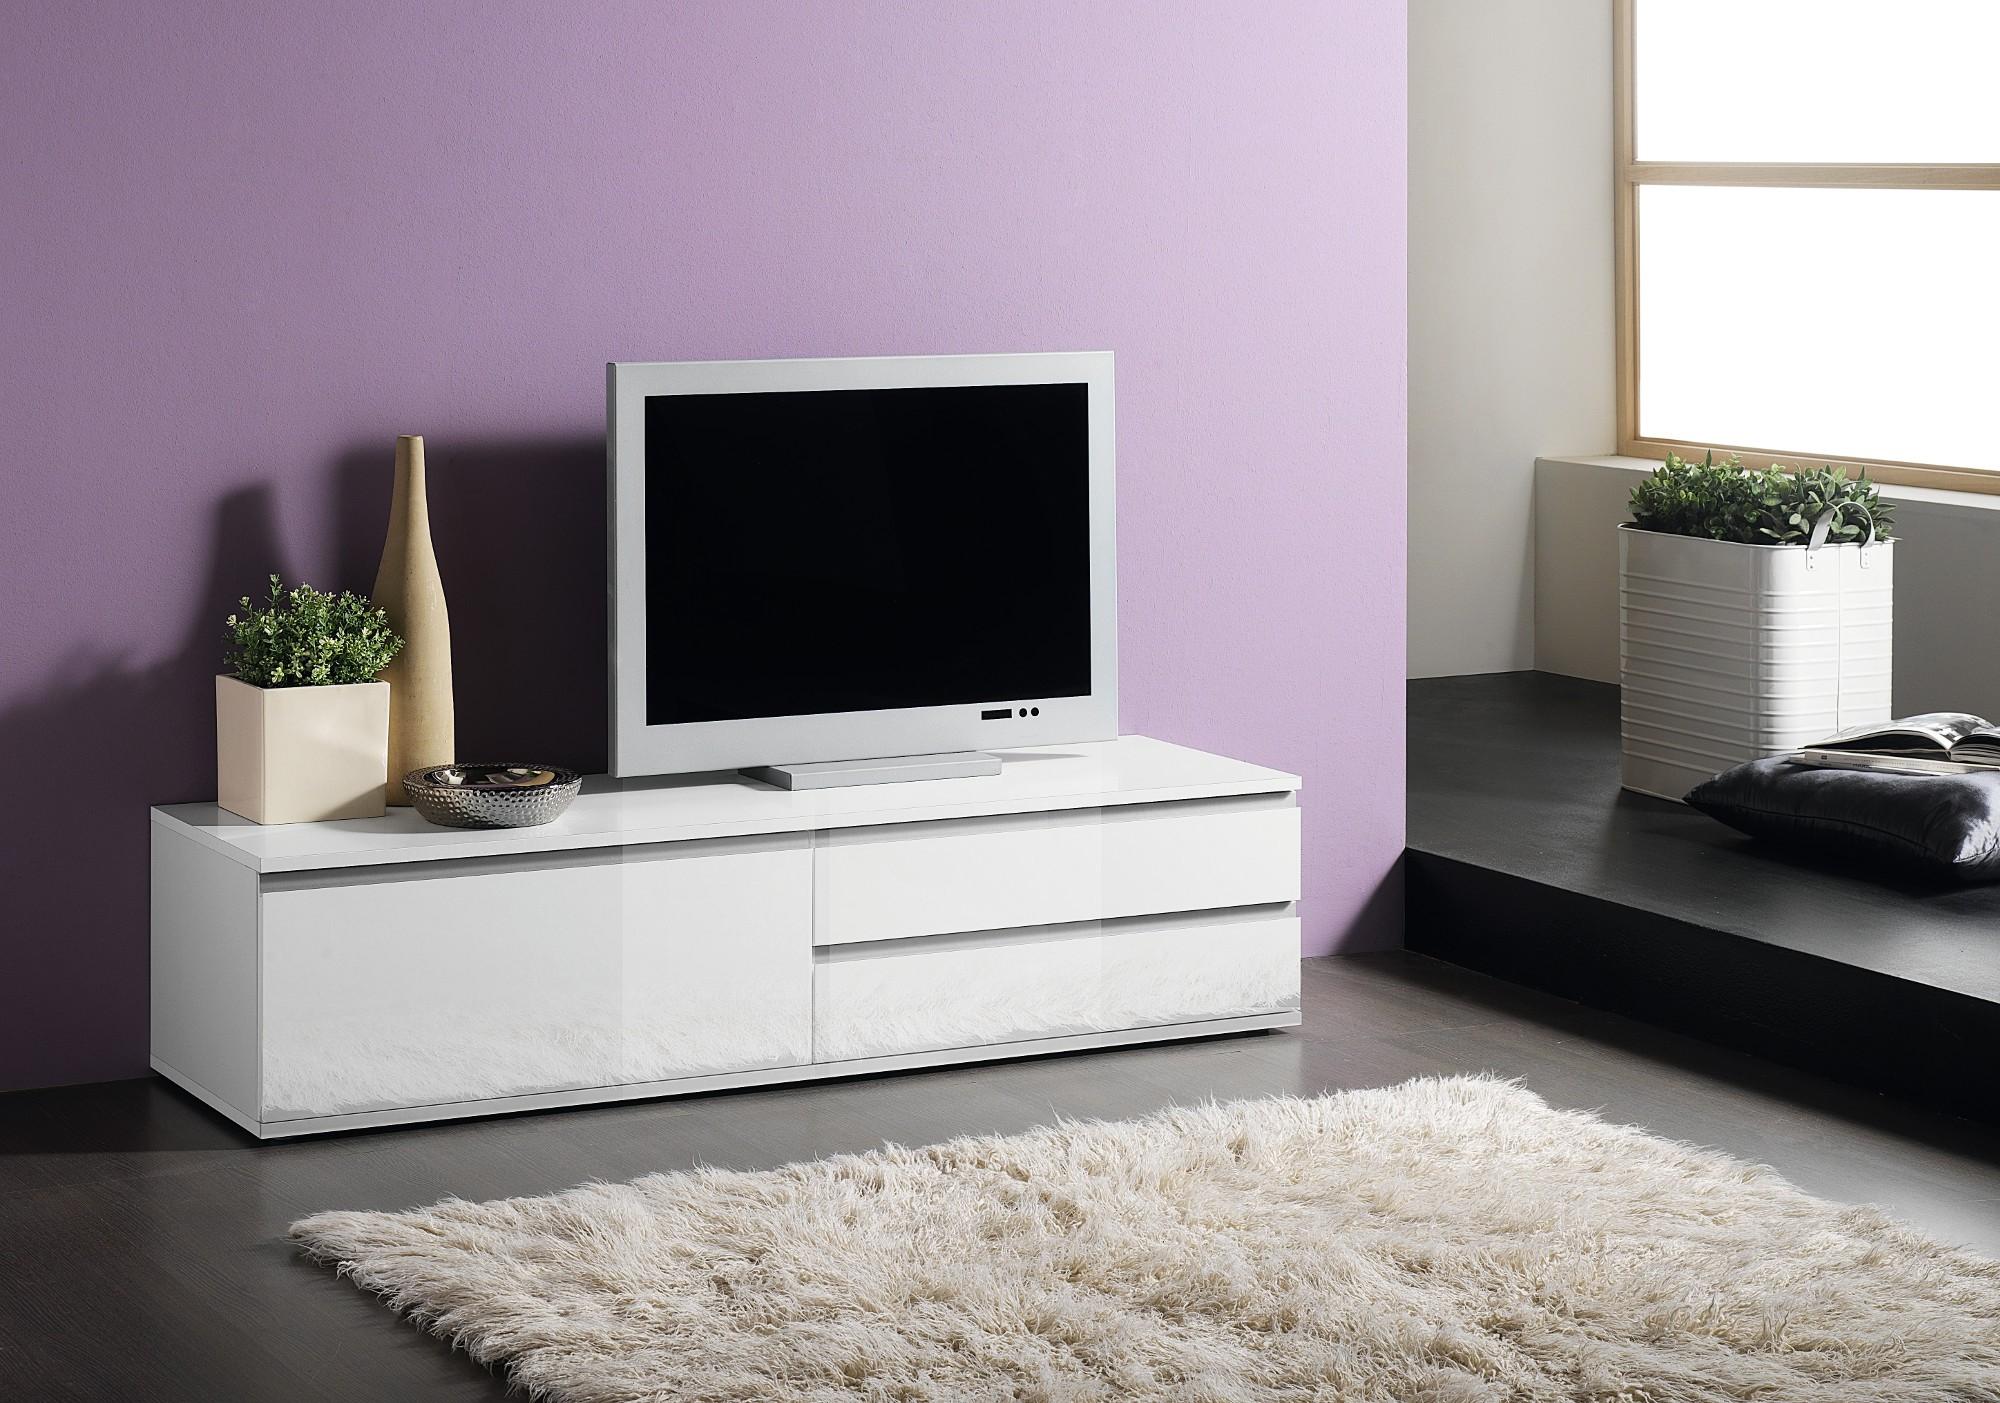 Banc Tv Blanc Pas Cher Maison Et Mobilier D Int Rieur # Meuble Tv Conforama Pas Cher